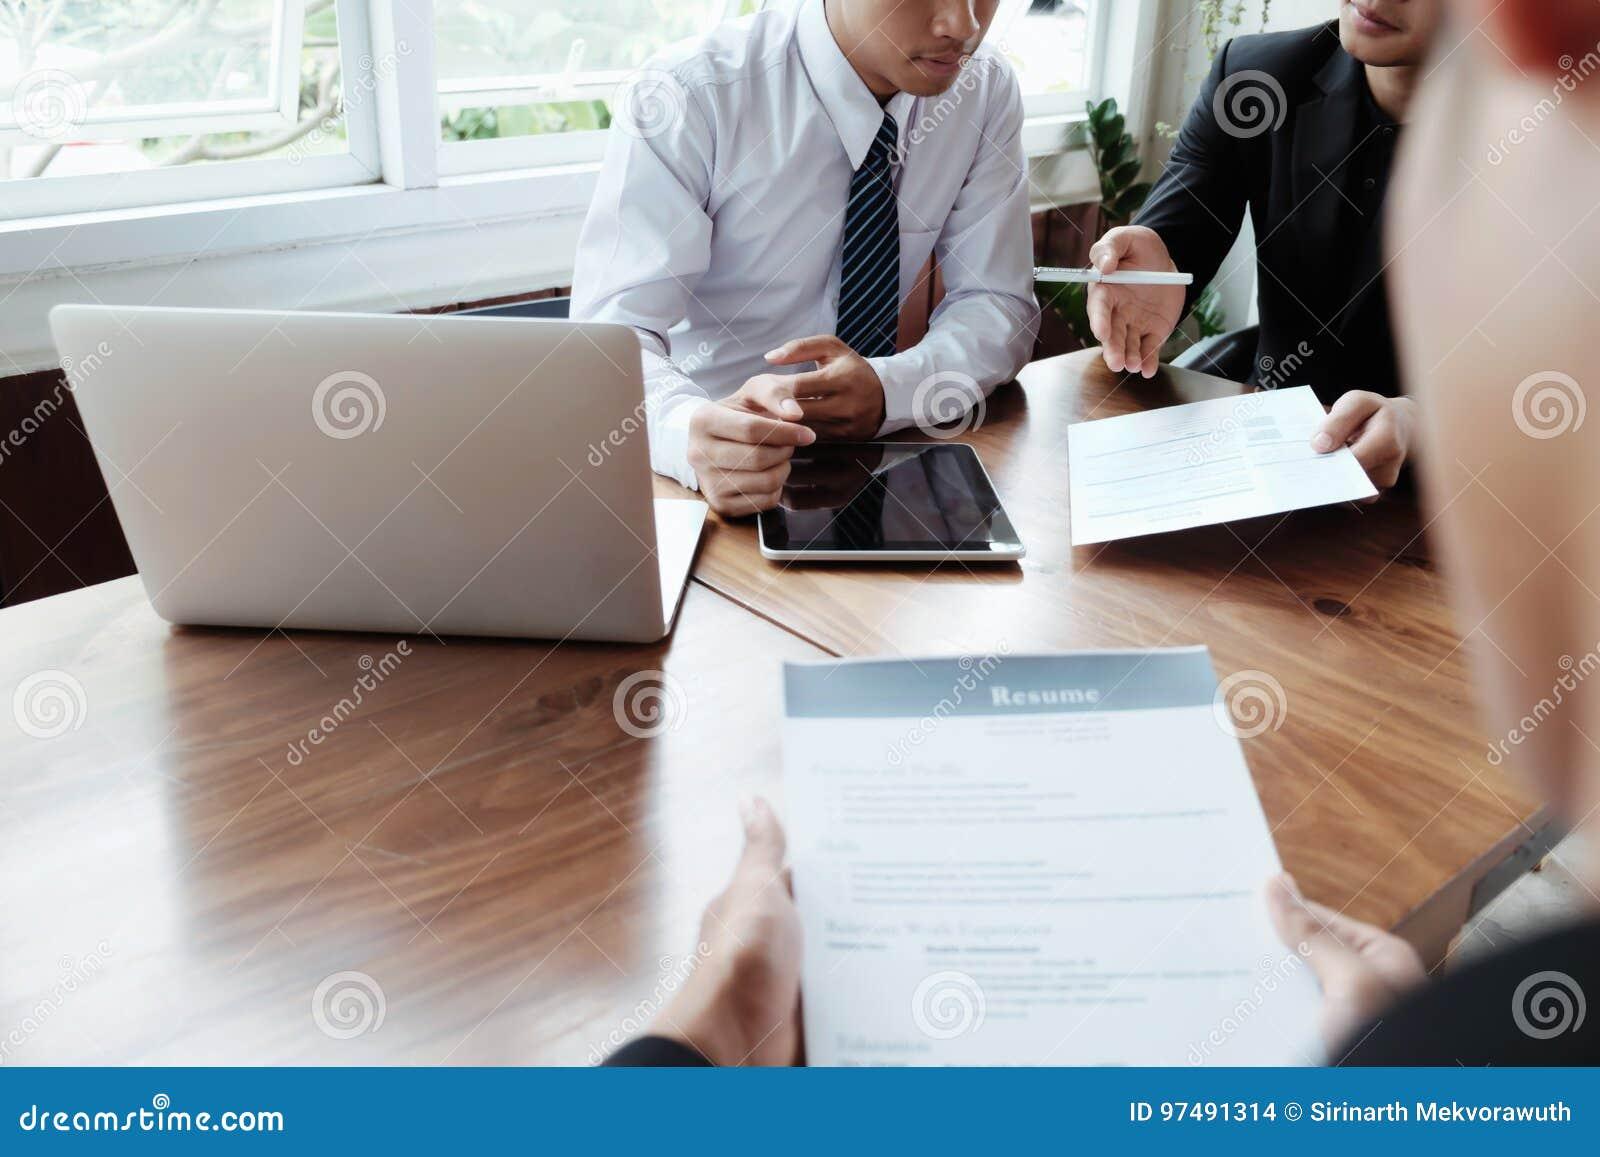 Situazione aziendale, concetto di intervista di lavoro